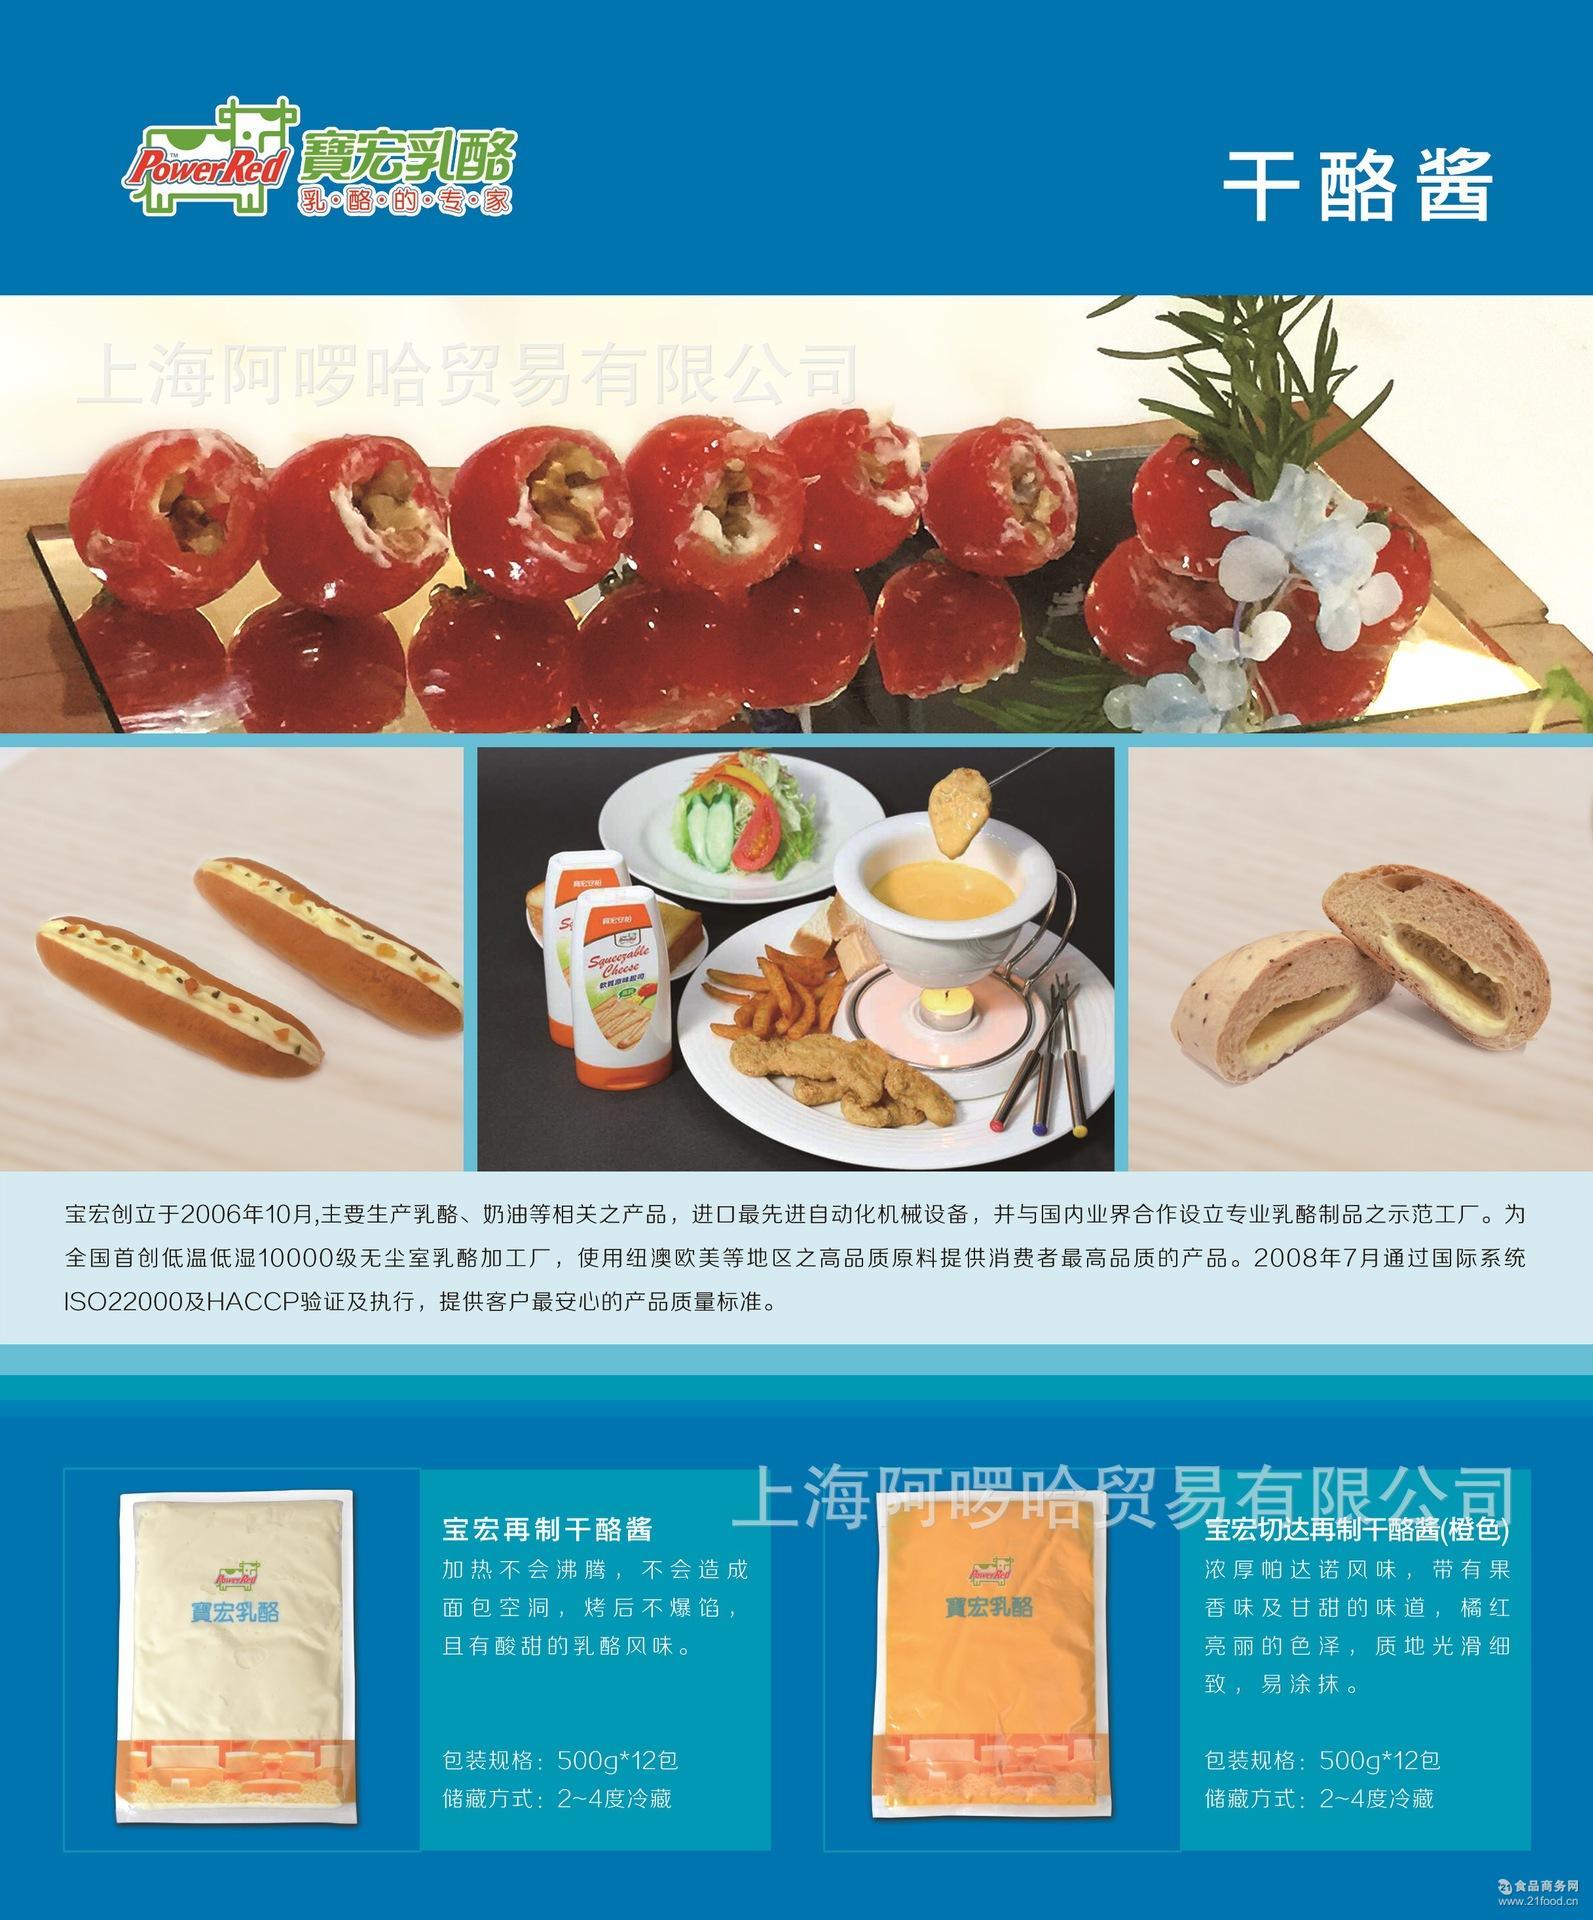 乳酪酱(白酱) 蘸料 【*代理】宝宏 车达酱(黄酱) 夹心